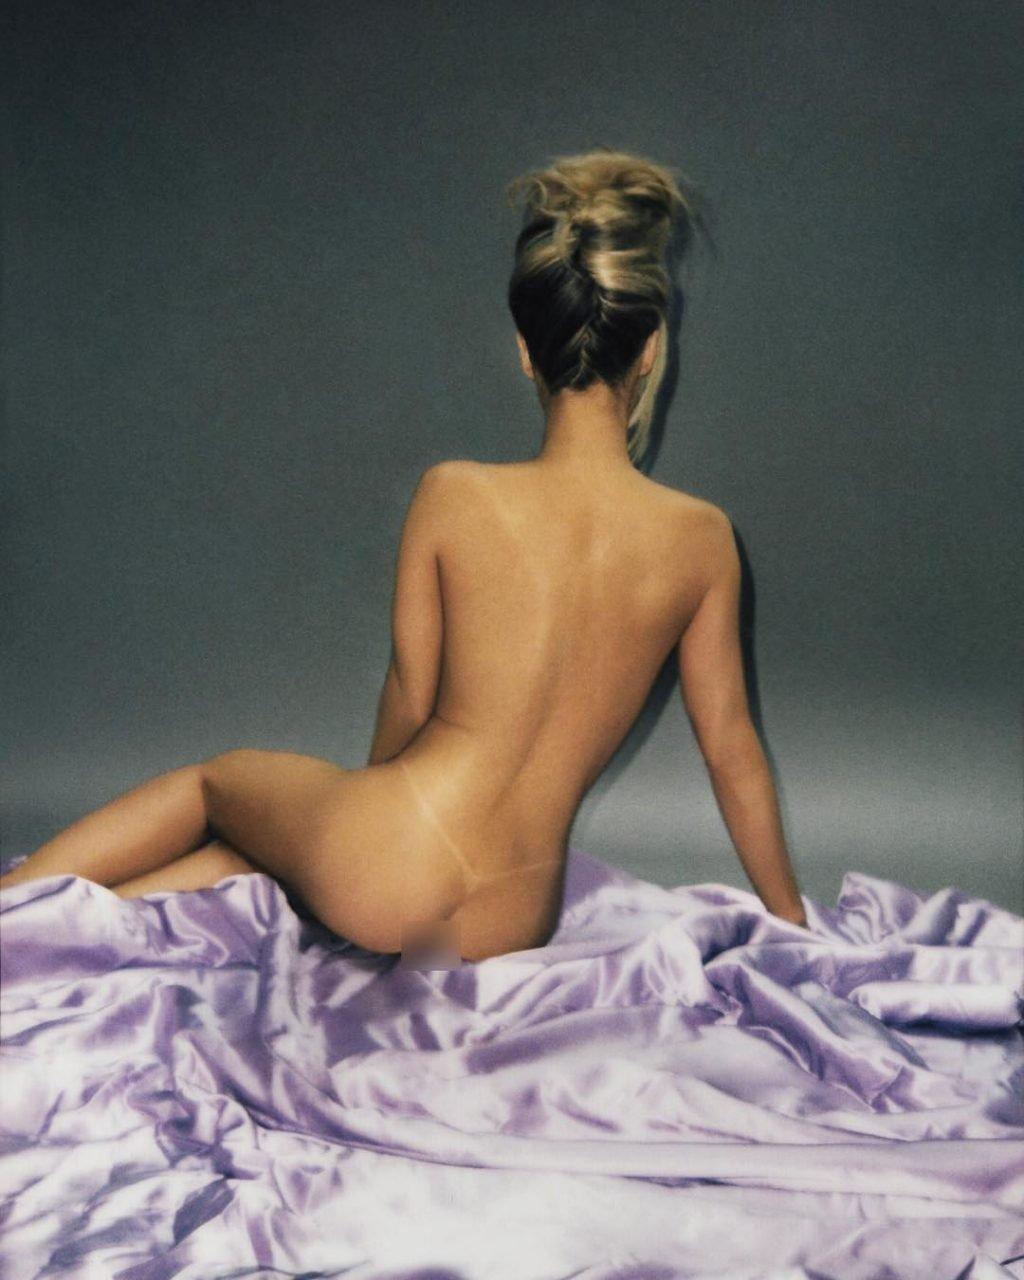 Carmen Electra Nude (3 Photos)